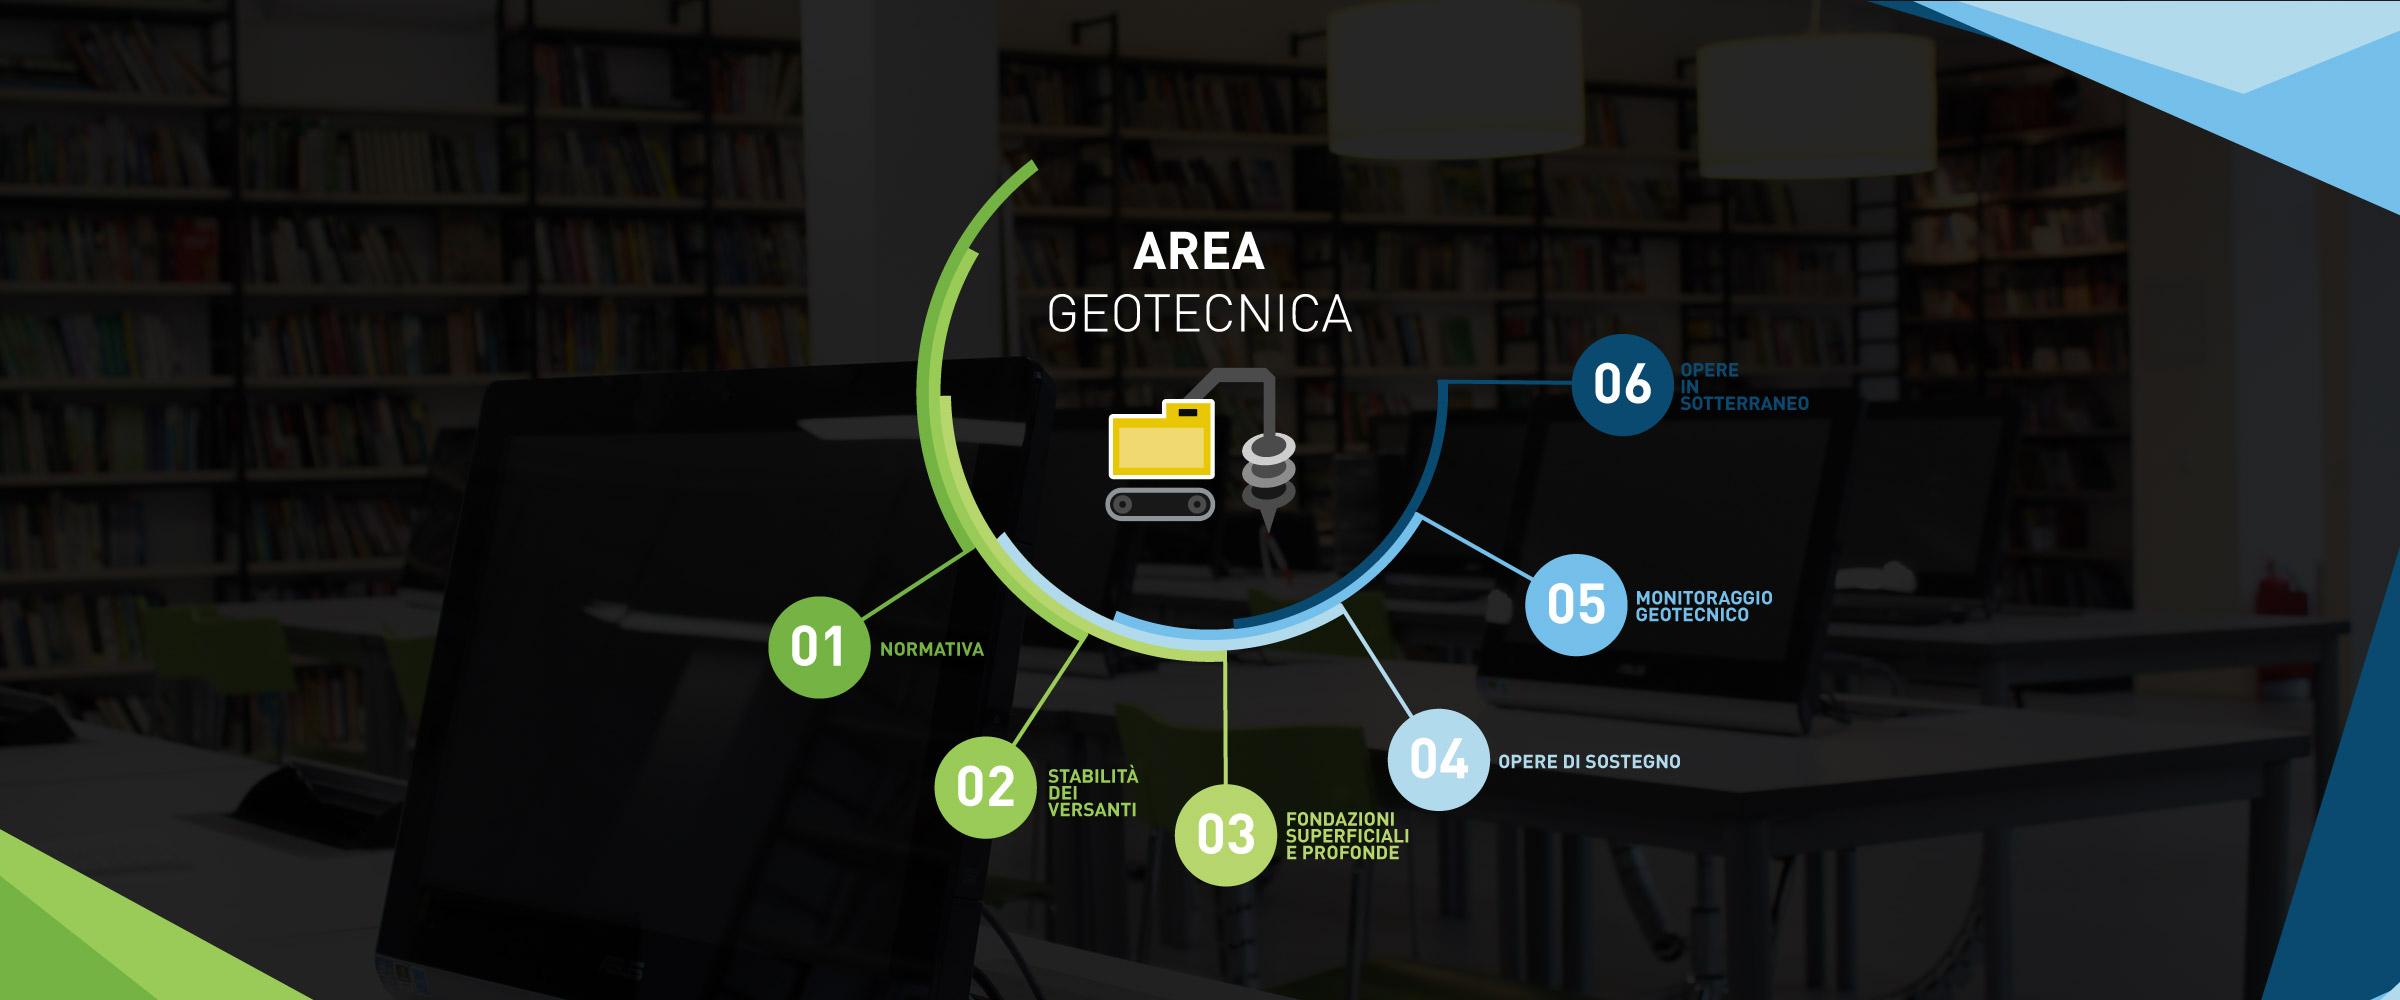 Area Geotecnica